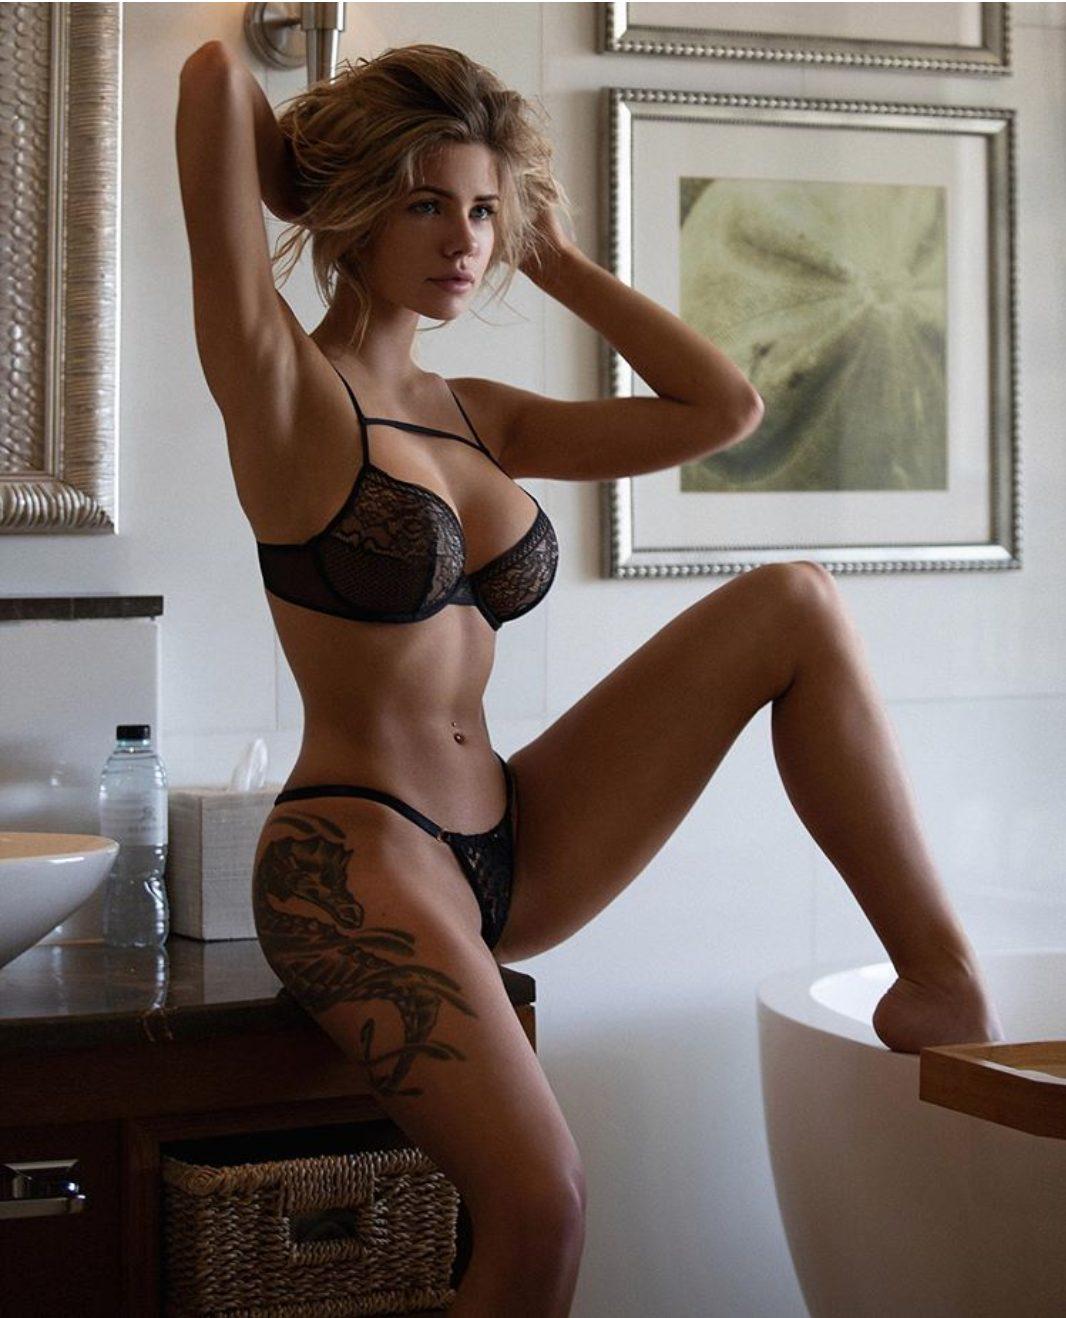 Tattoo Babe Of The Day Natalya Karsavina